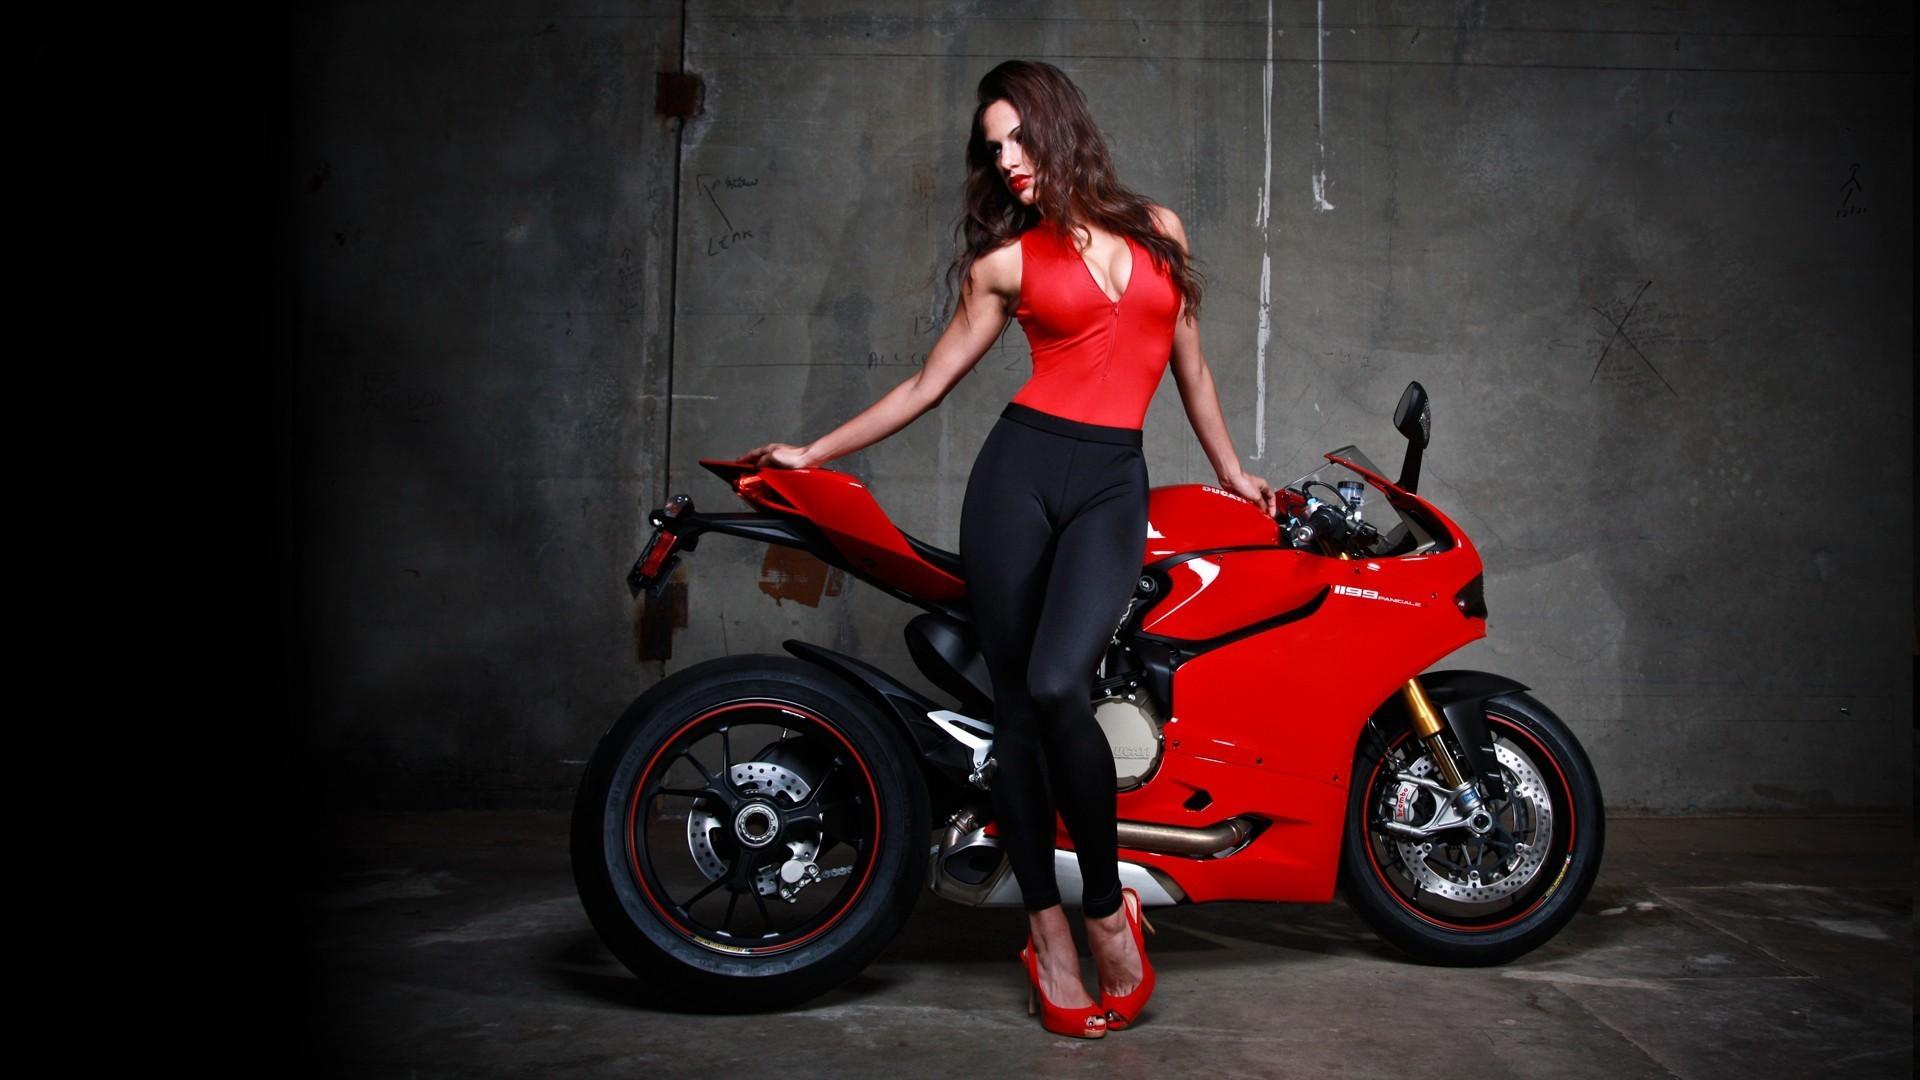 Download Red Bike Ducati Superbike Wallpaper